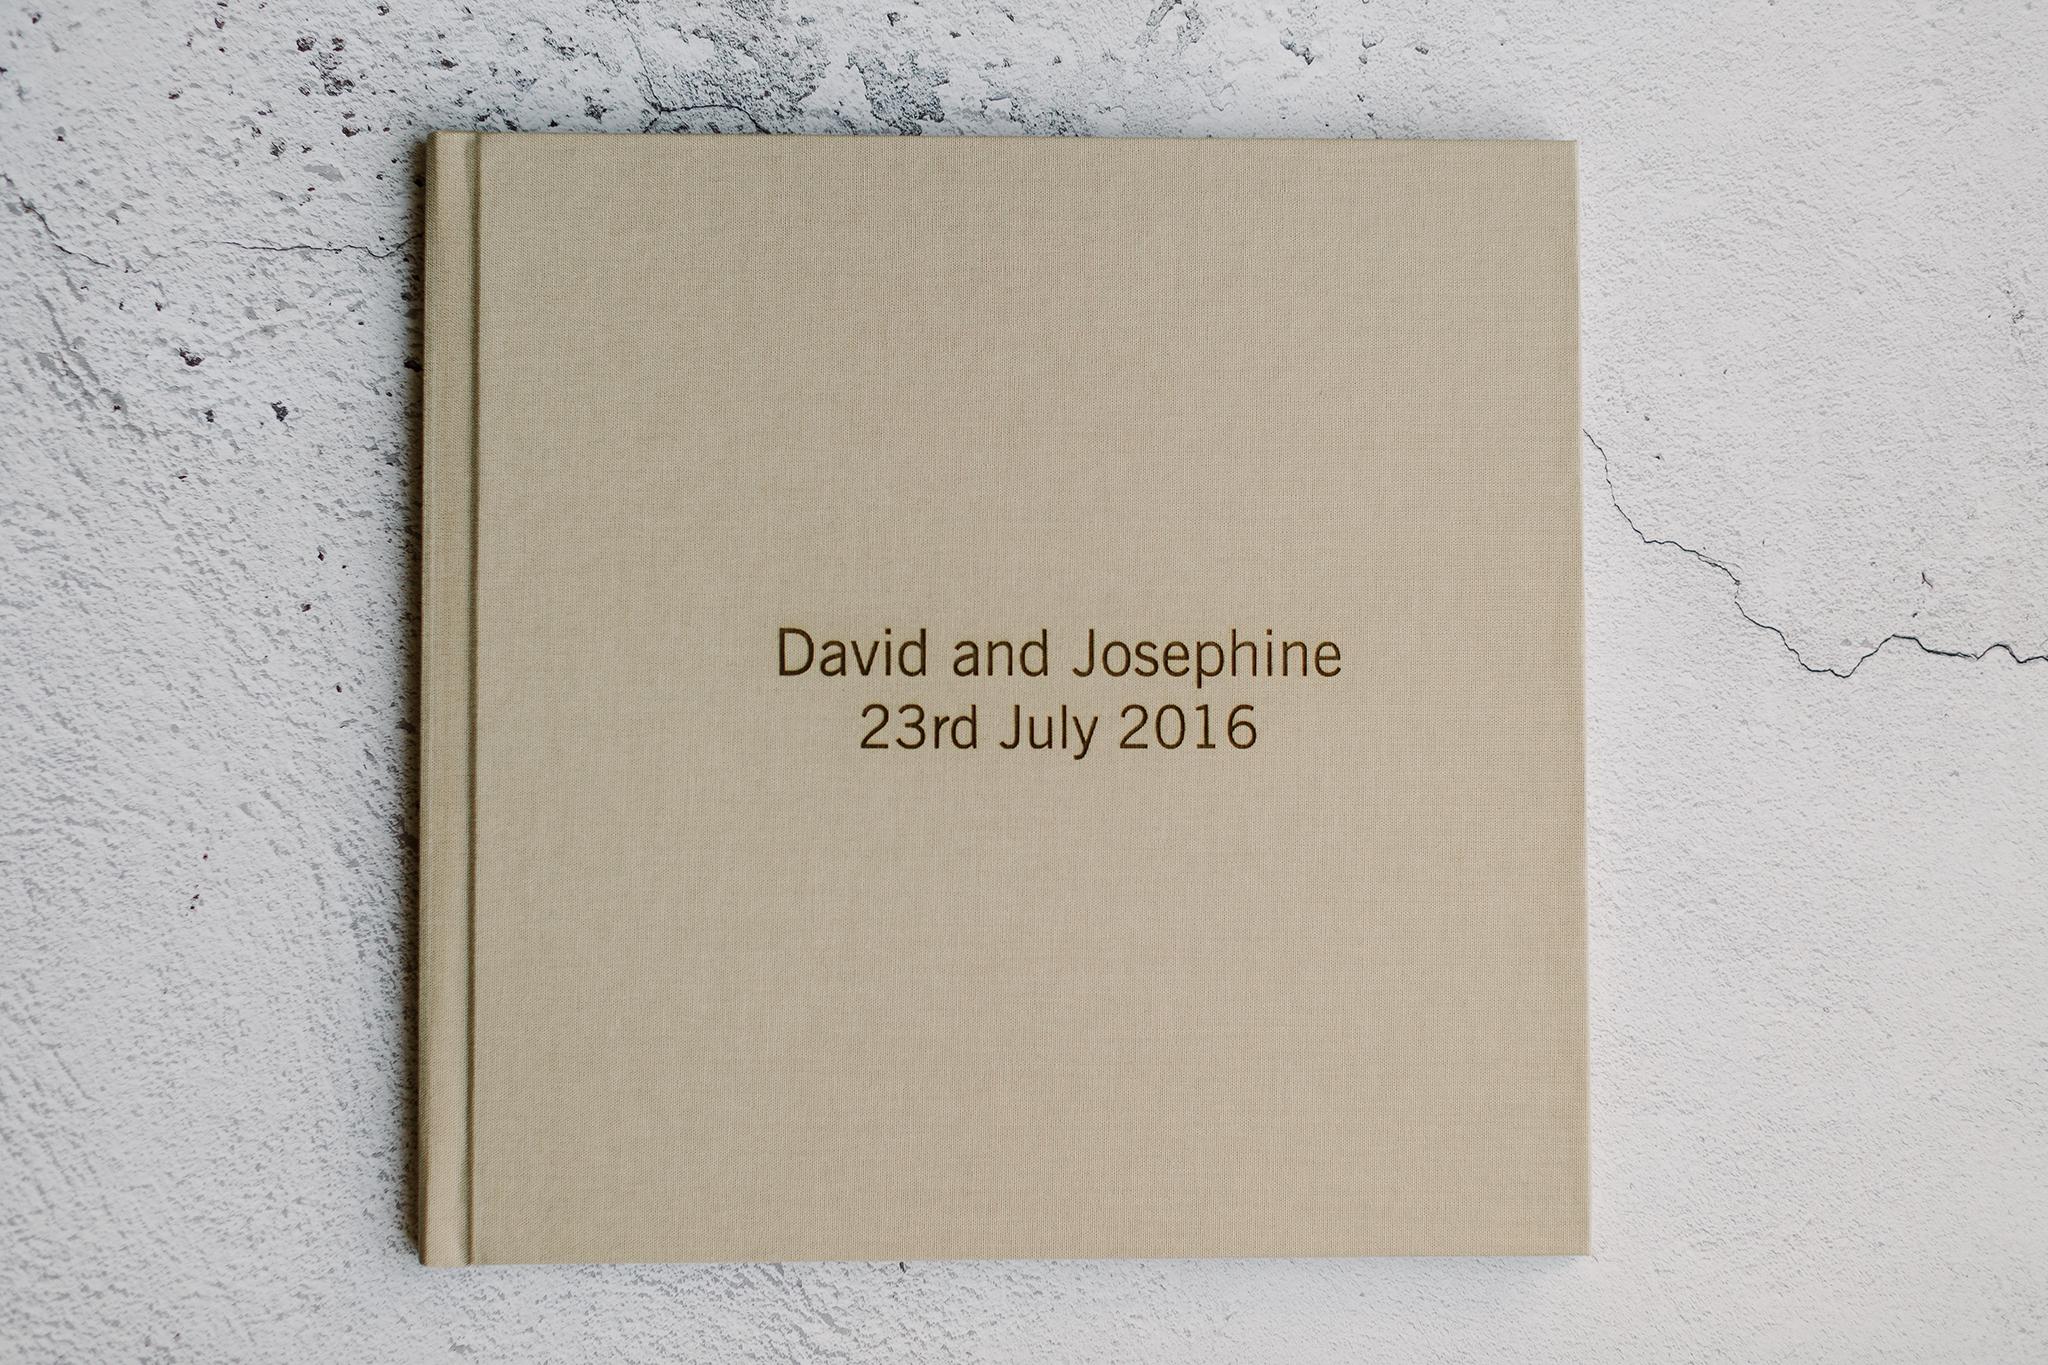 signing book for pre-wedding photos